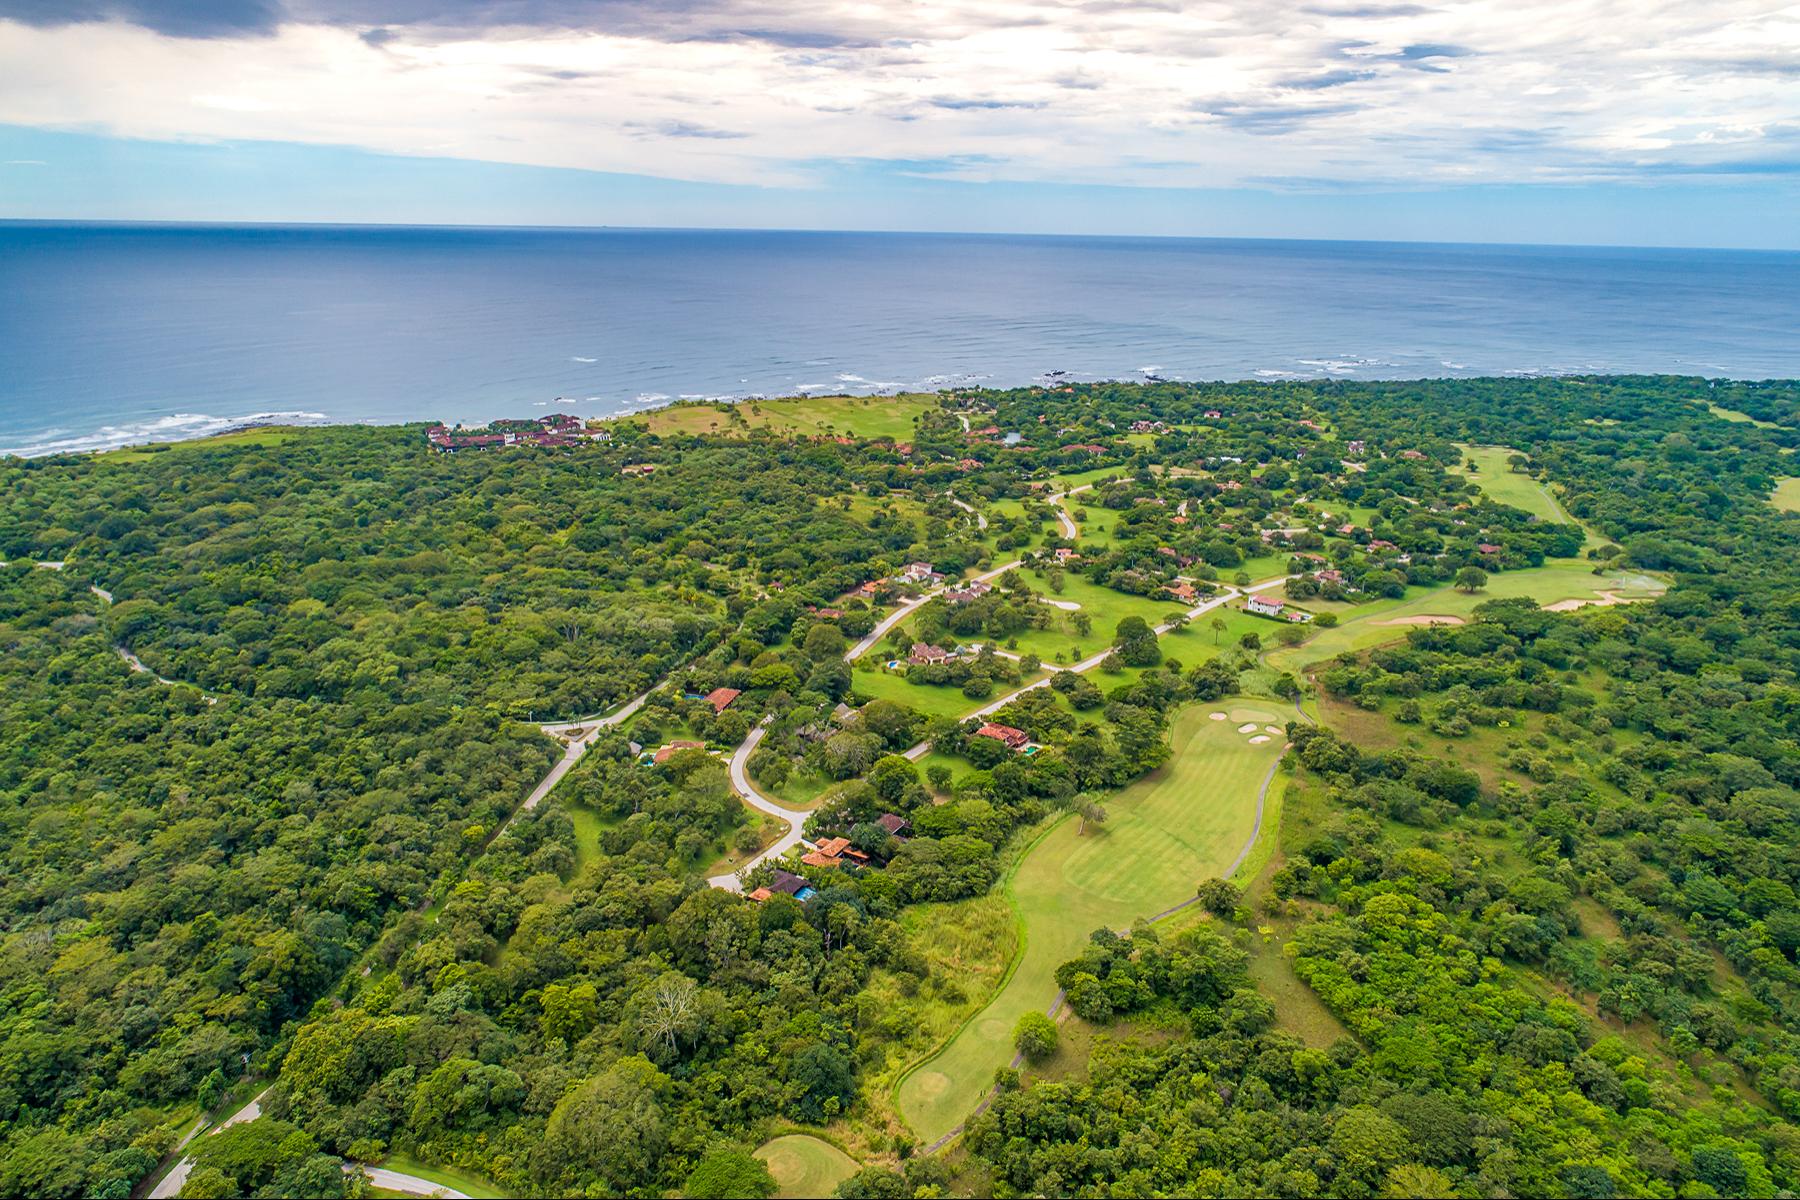 토지 용 매매 에 Hacienda Pinilla RG Lot to Build Tamarindo, 과나카스테주 코스타리카